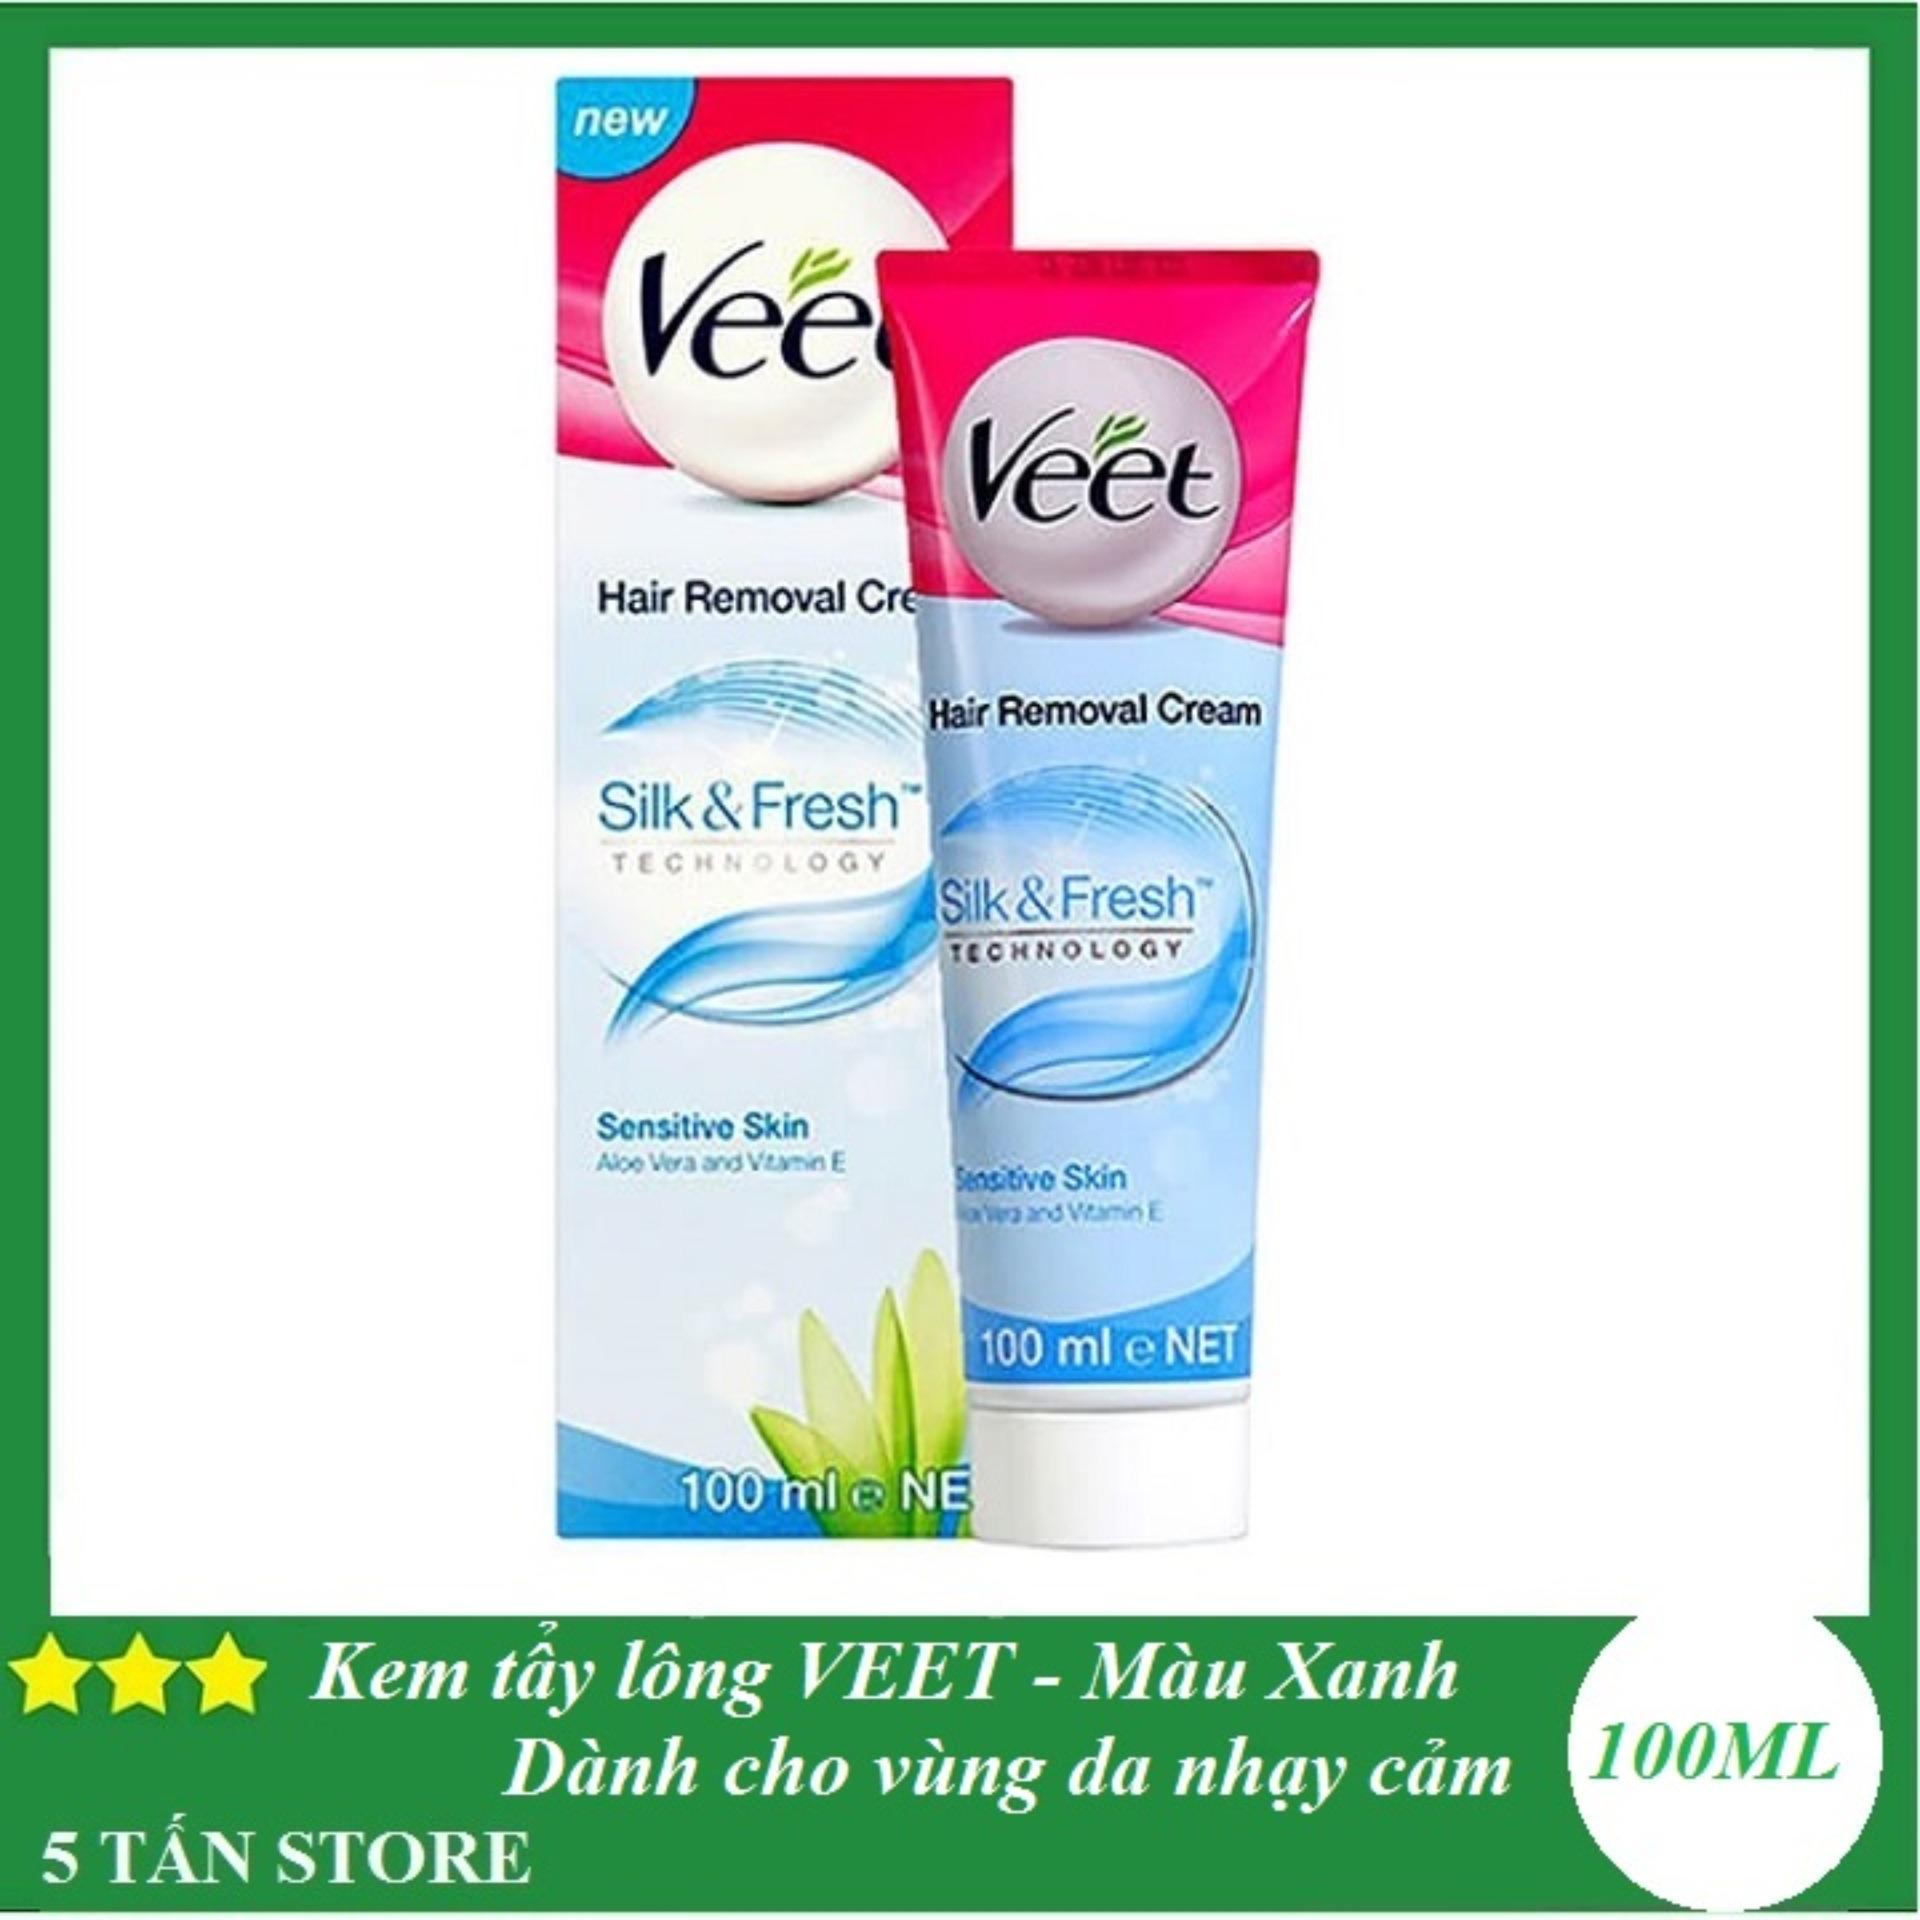 Kem tẩy lông VEET (100ml) - Màu Xanh dành cho vùng da nhạy cảm nhập khẩu